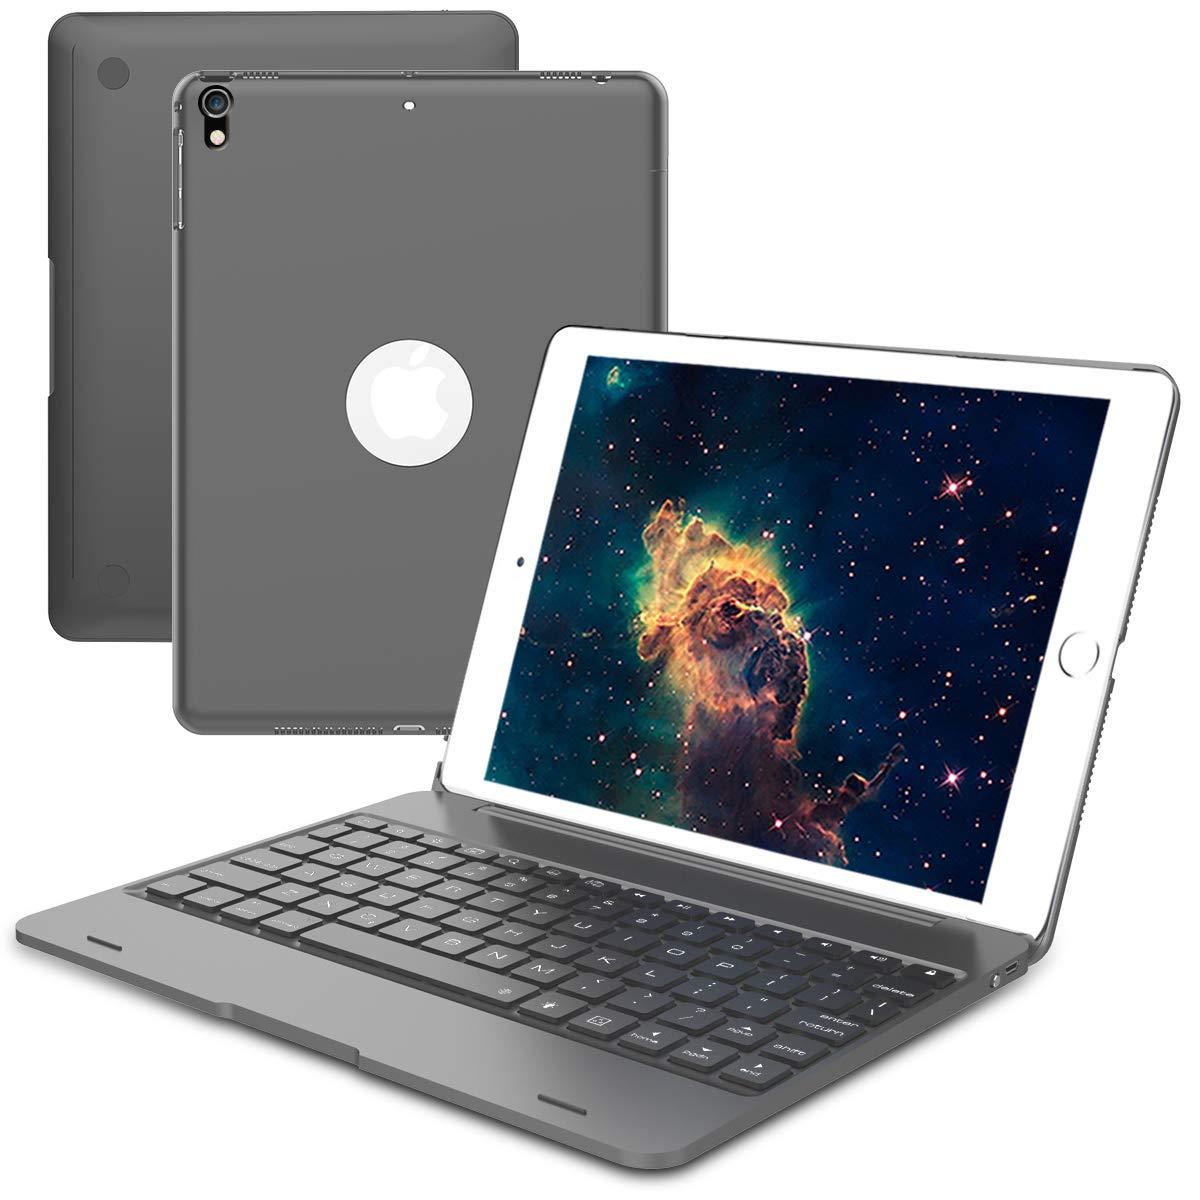 【お気にいる】 iPad Mini 4 (Grey) シェル [ 重い パーフェクト 合う ] グリップ B07L3SW7NQ 置換 置換 重い 義務 保護 緩衝器 シェル の iPad Mini 4 (Grey) Grey B07L3SW7NQ, True Stone:d946505d --- a0267596.xsph.ru